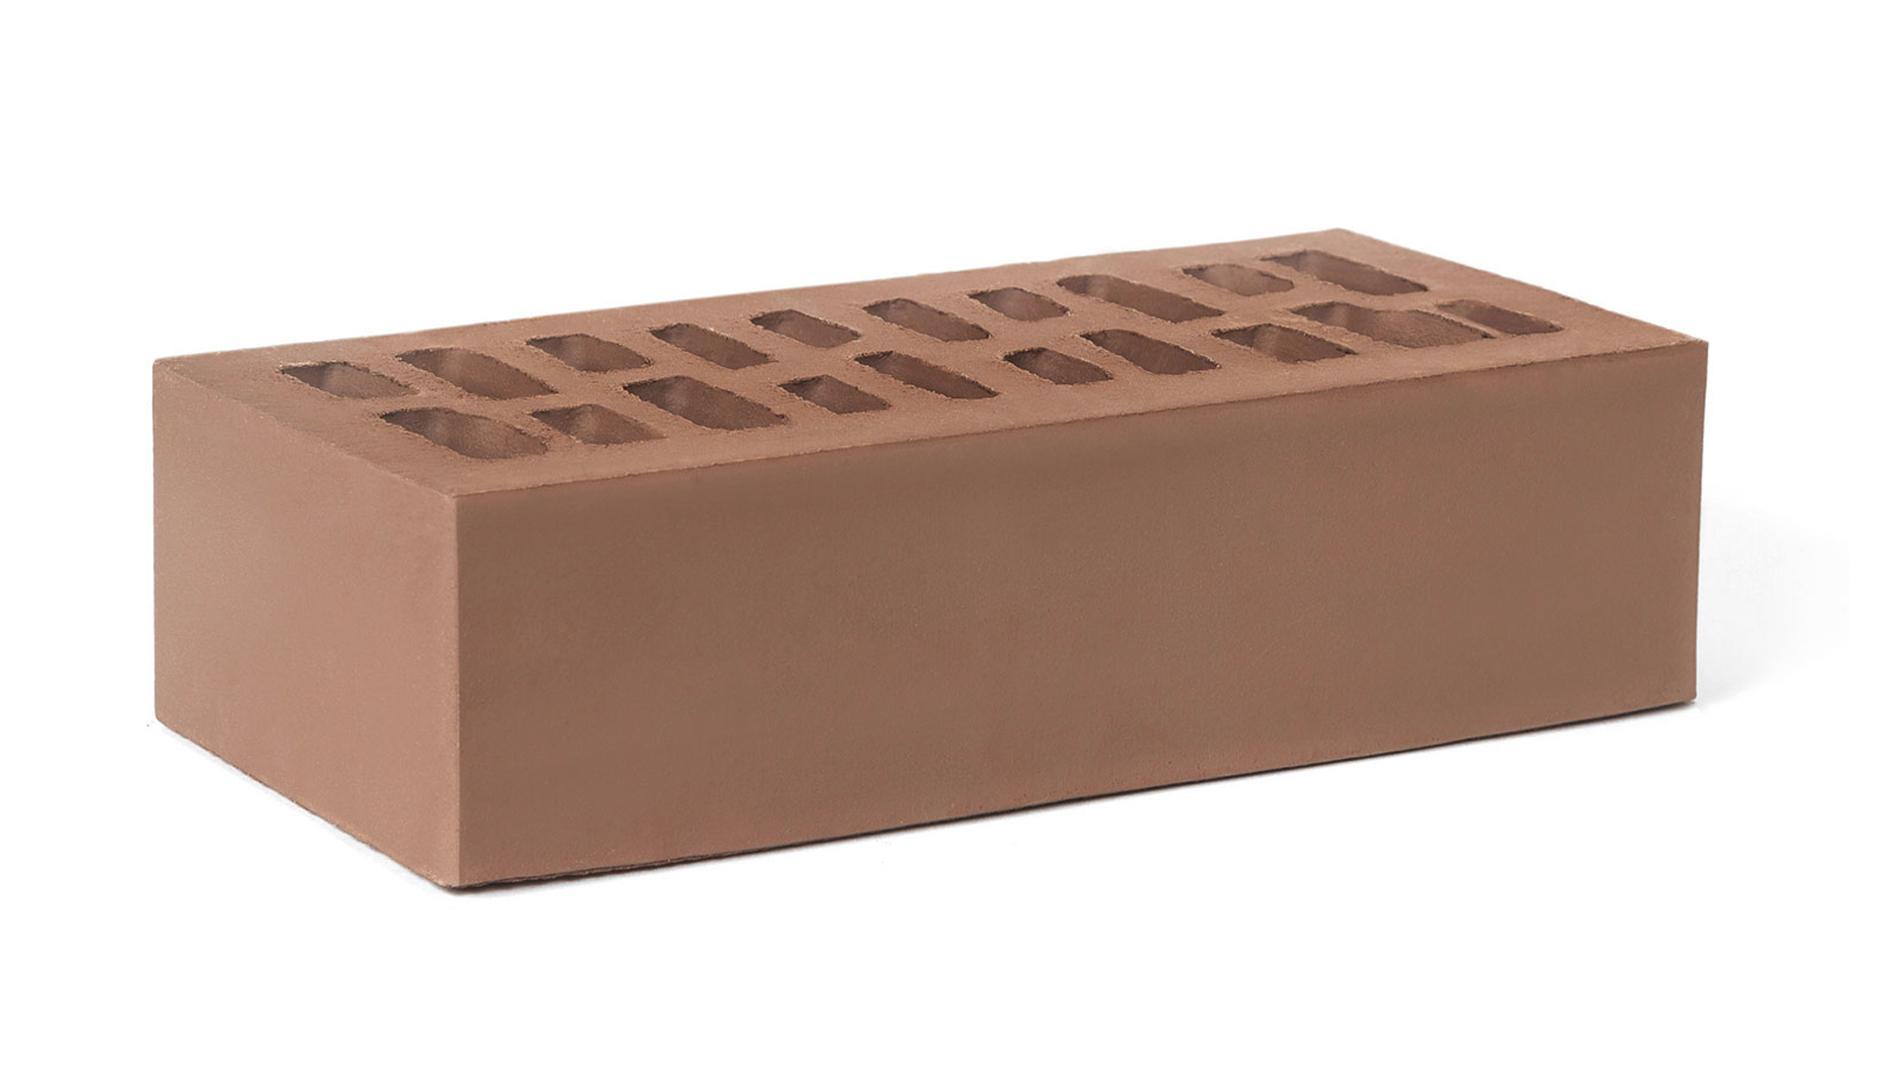 Кирпич лицевой одинарный гладкий Мокко (Темно-молочный шоколад)